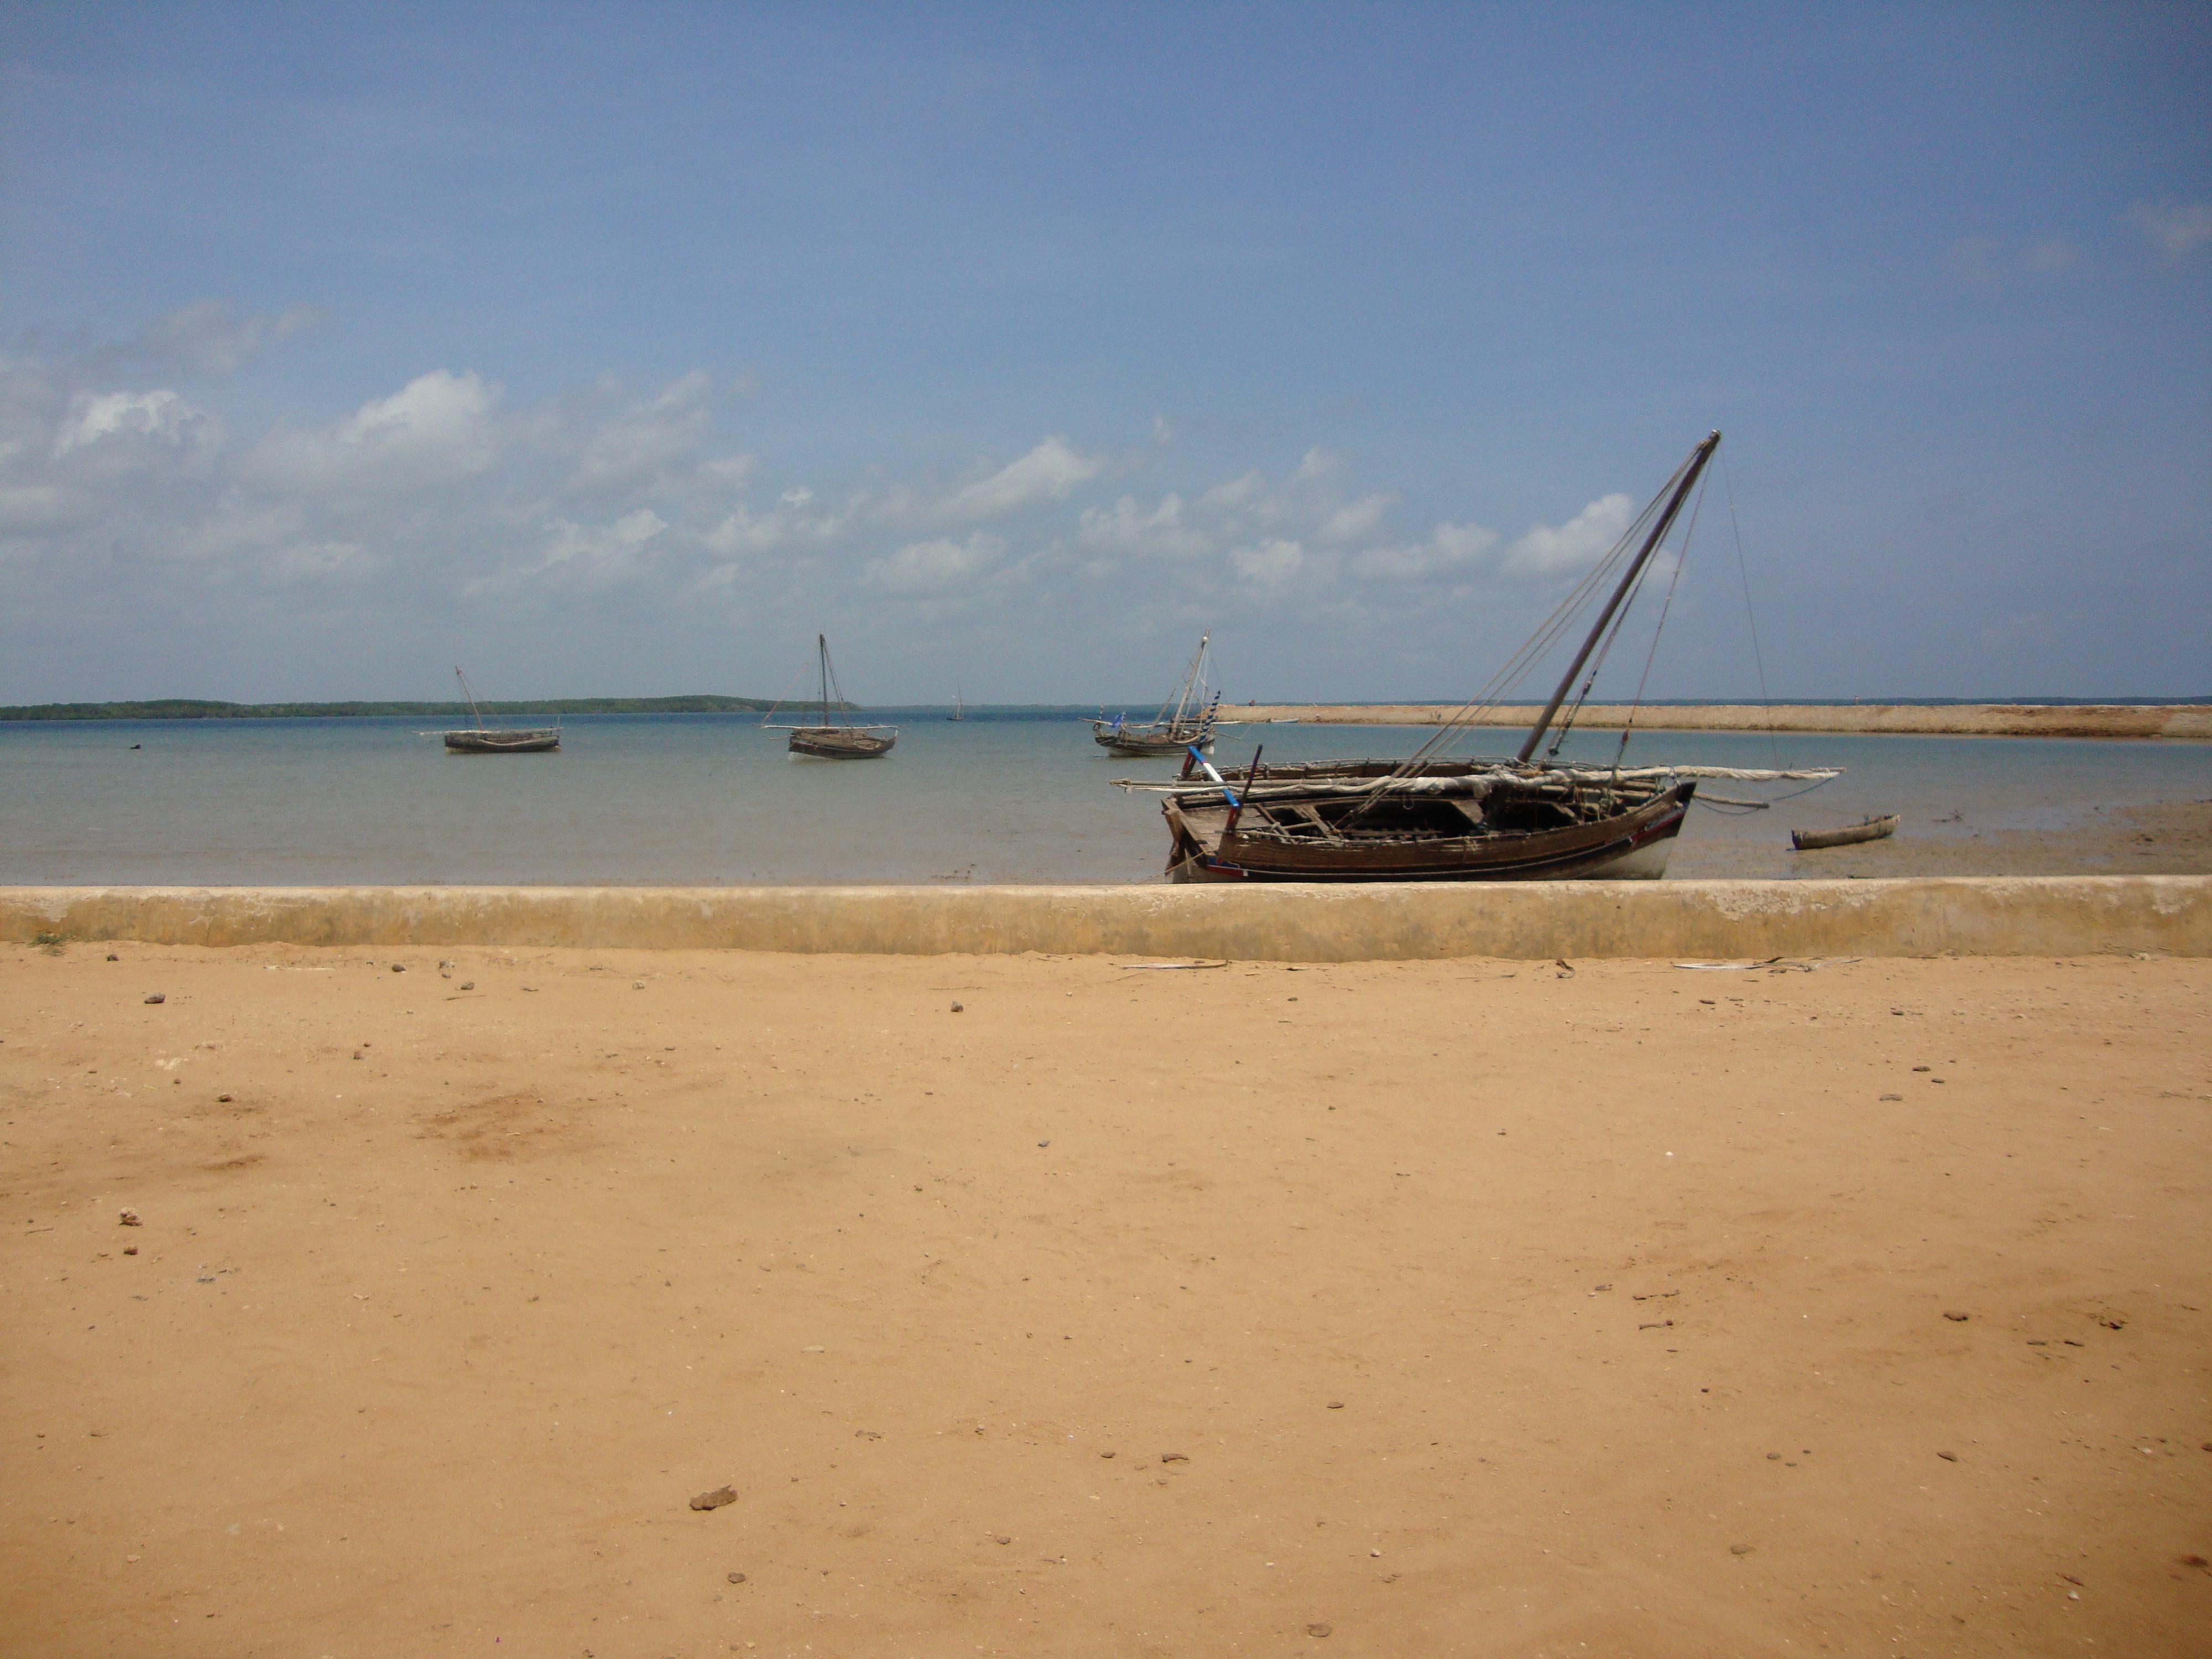 """""""Harbor at low tide, Ndau Island, Kenya, 2009."""" Photograph taken by NYAS Anthropology Treasurer Ryan Raaum"""